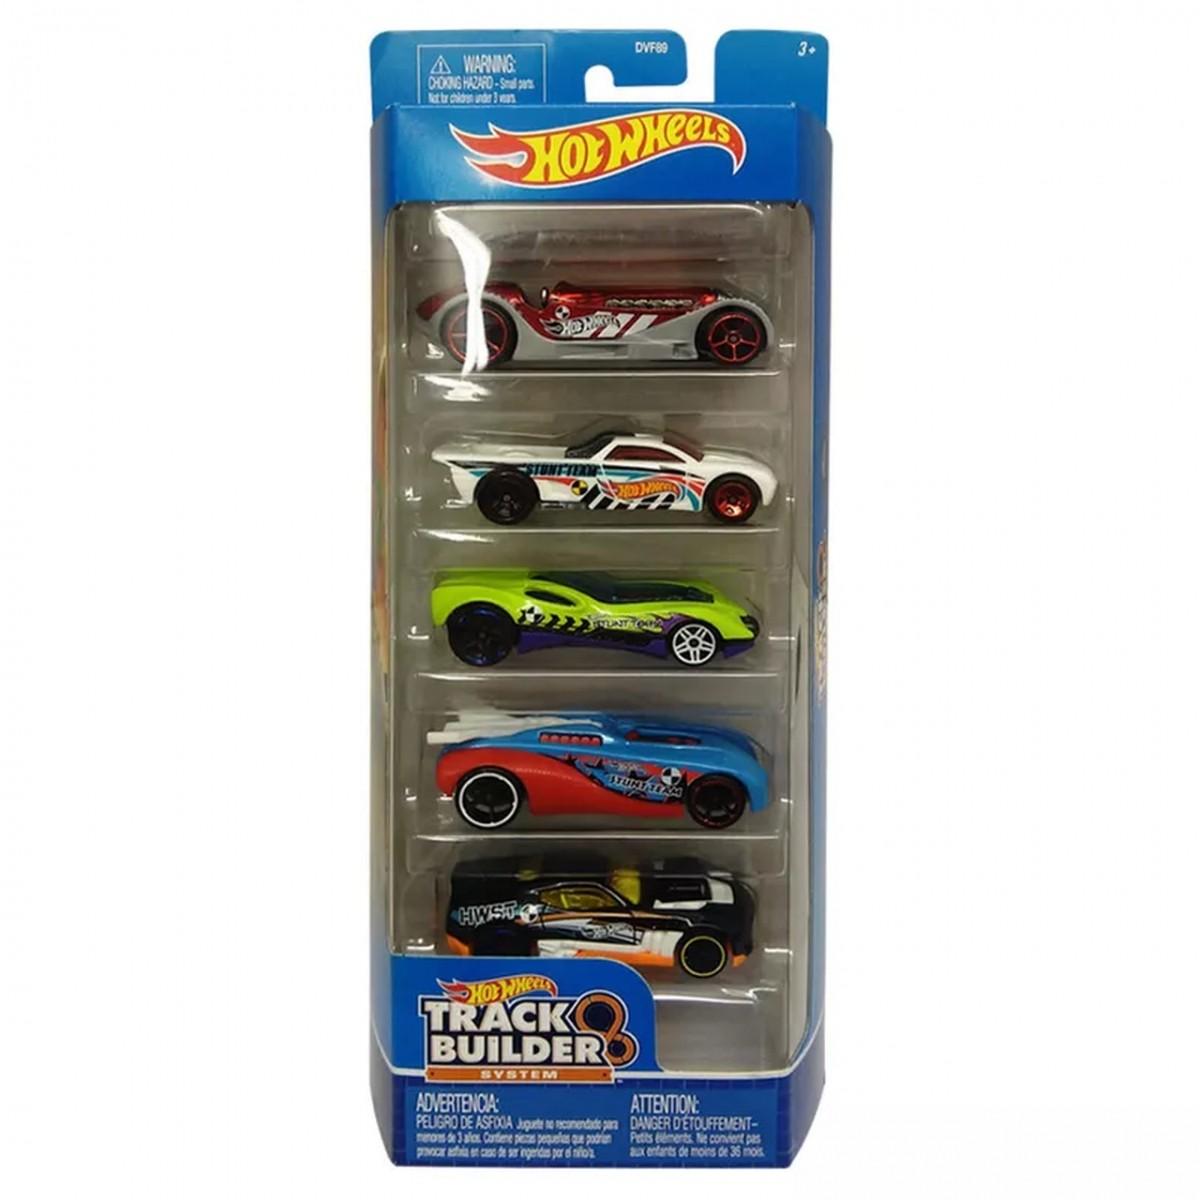 Carrinho Hot Wheels (Set com 5 Carros) Track Builder System (A)